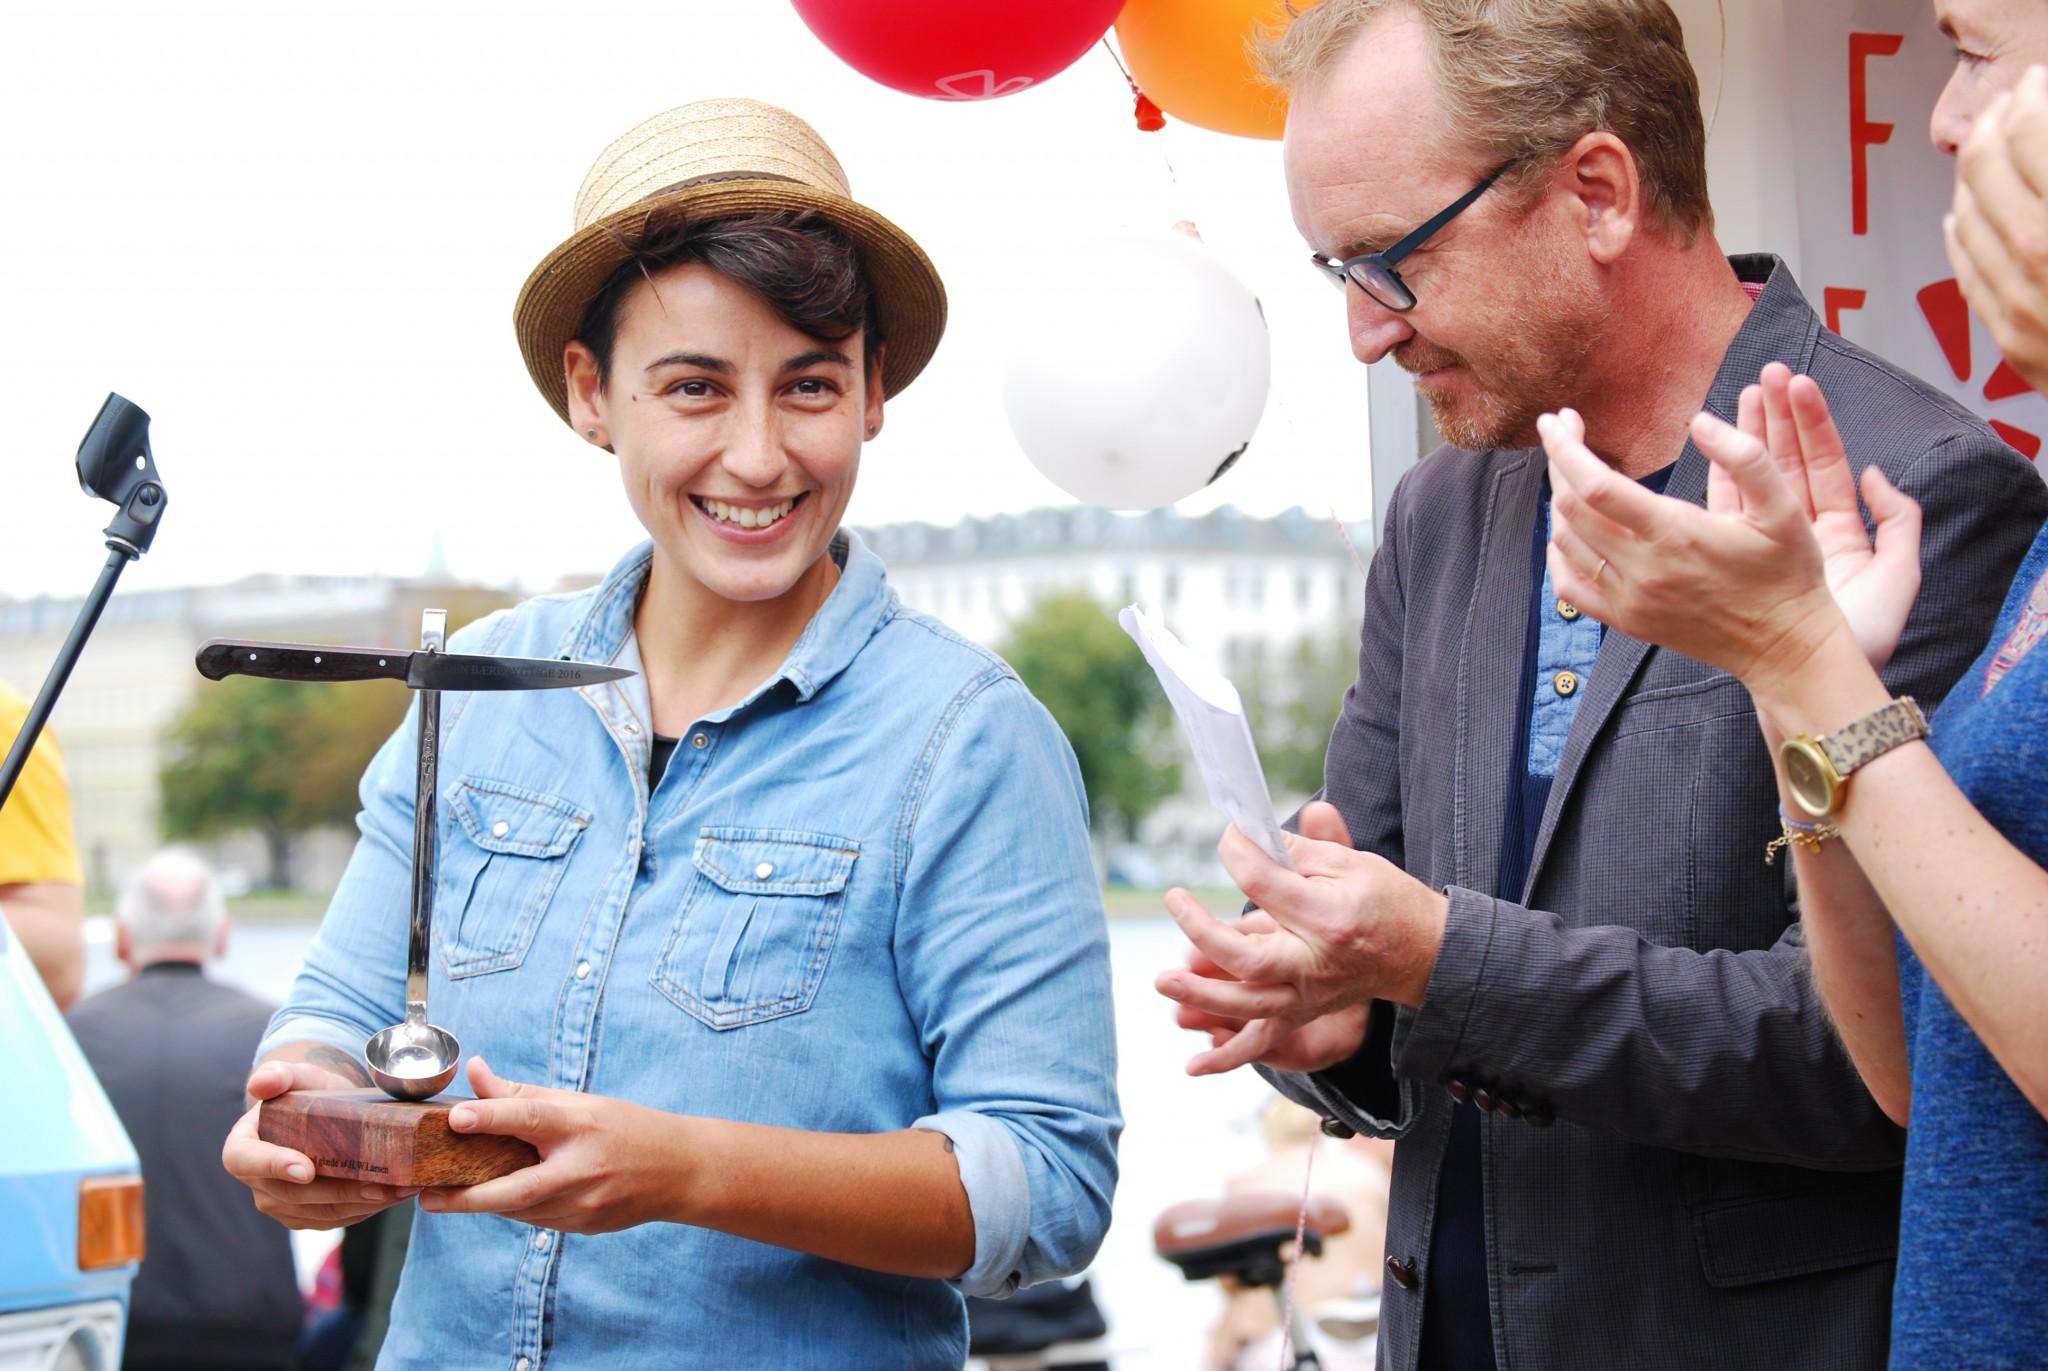 Street food i Danmark er under stor udvikling og i 2016 fik København sin første Street Food Festival